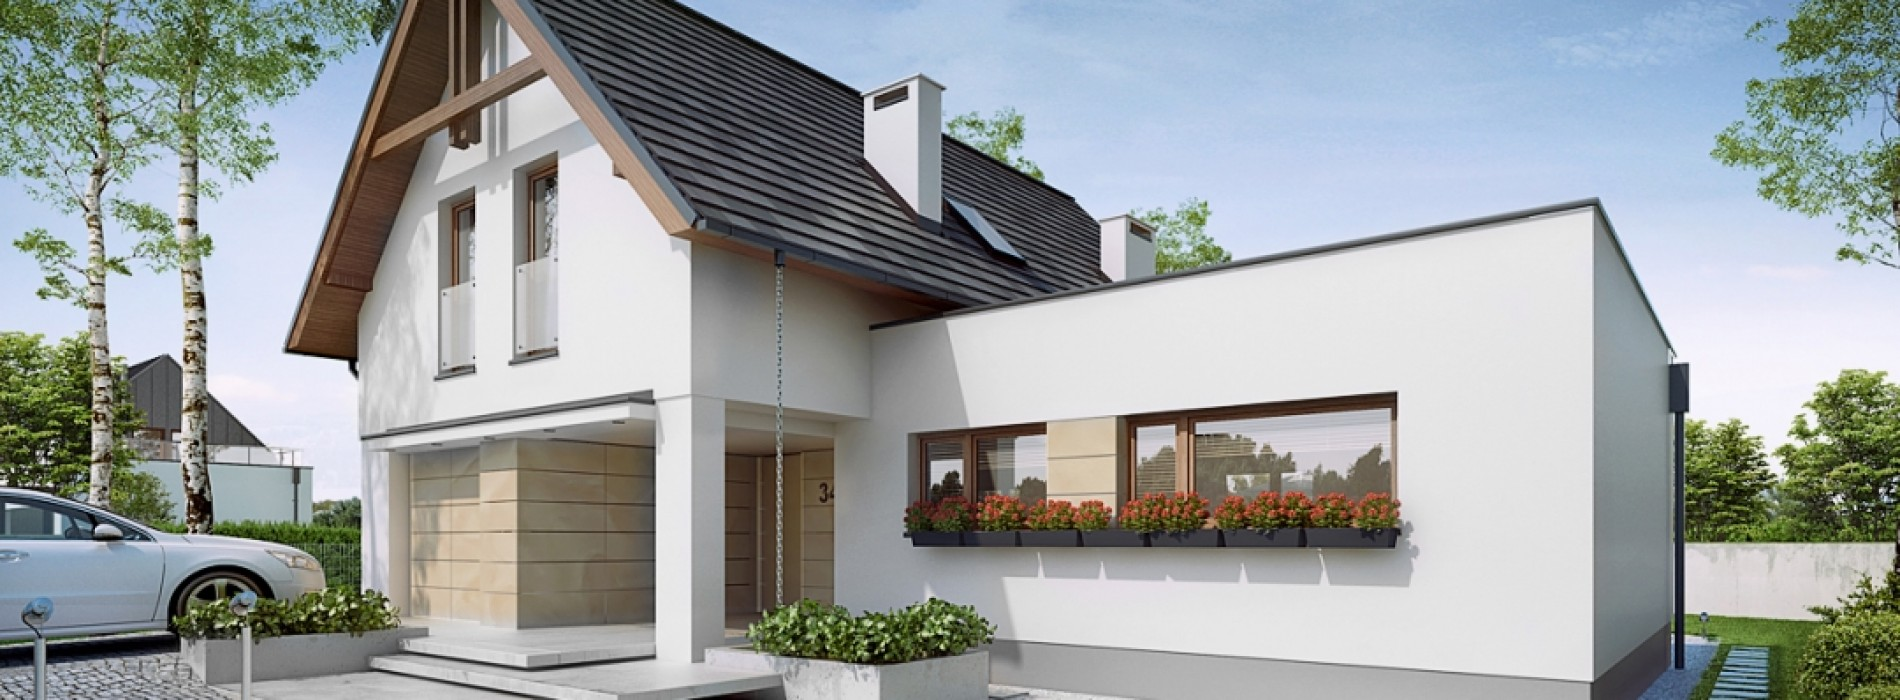 Wyjątkowe projekty nowoczesnych domów